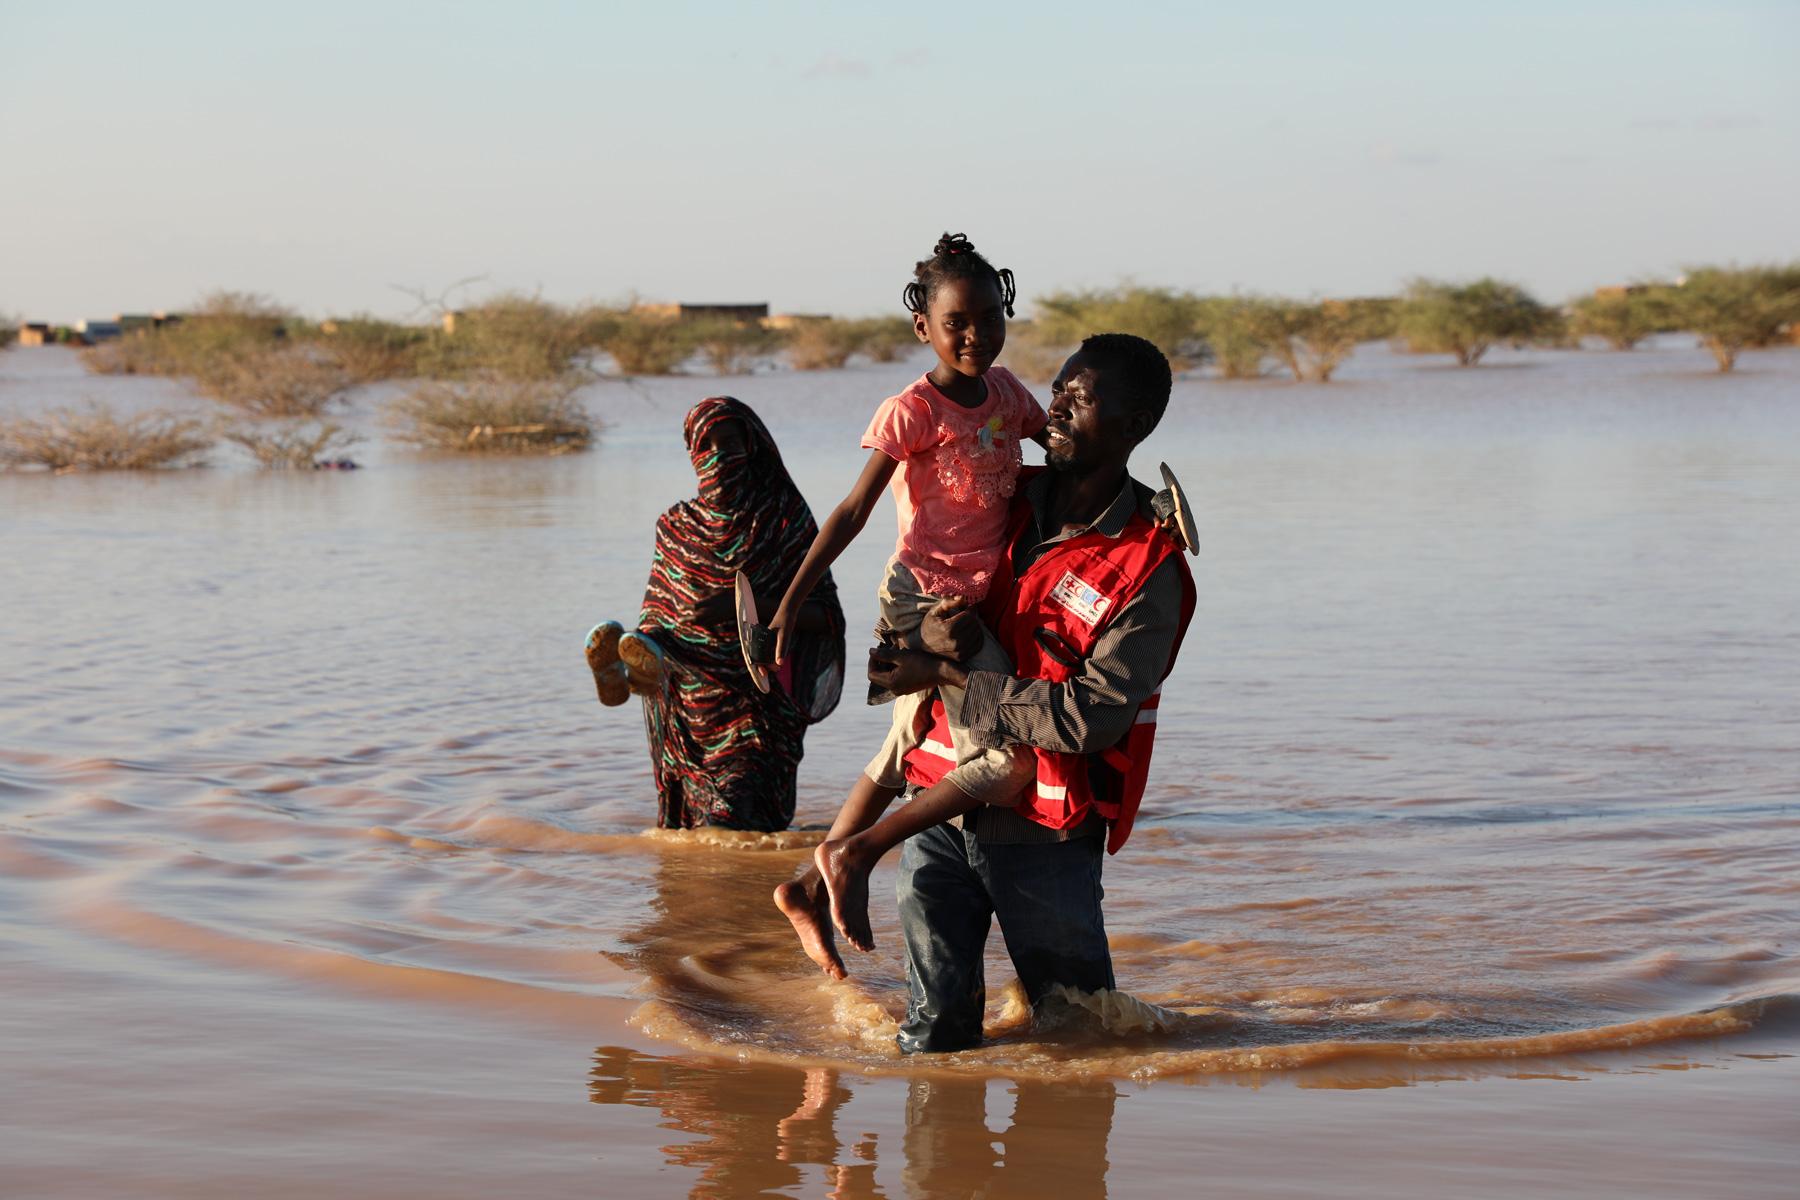 Das SRK leistete mit Unterstützung des Bundes Nothilfe, um den Opfern der Katastrophe beizustehen. Es handelte sich um die schlimmsten Überschwemmungen seit 30 Jahren im Sudan.